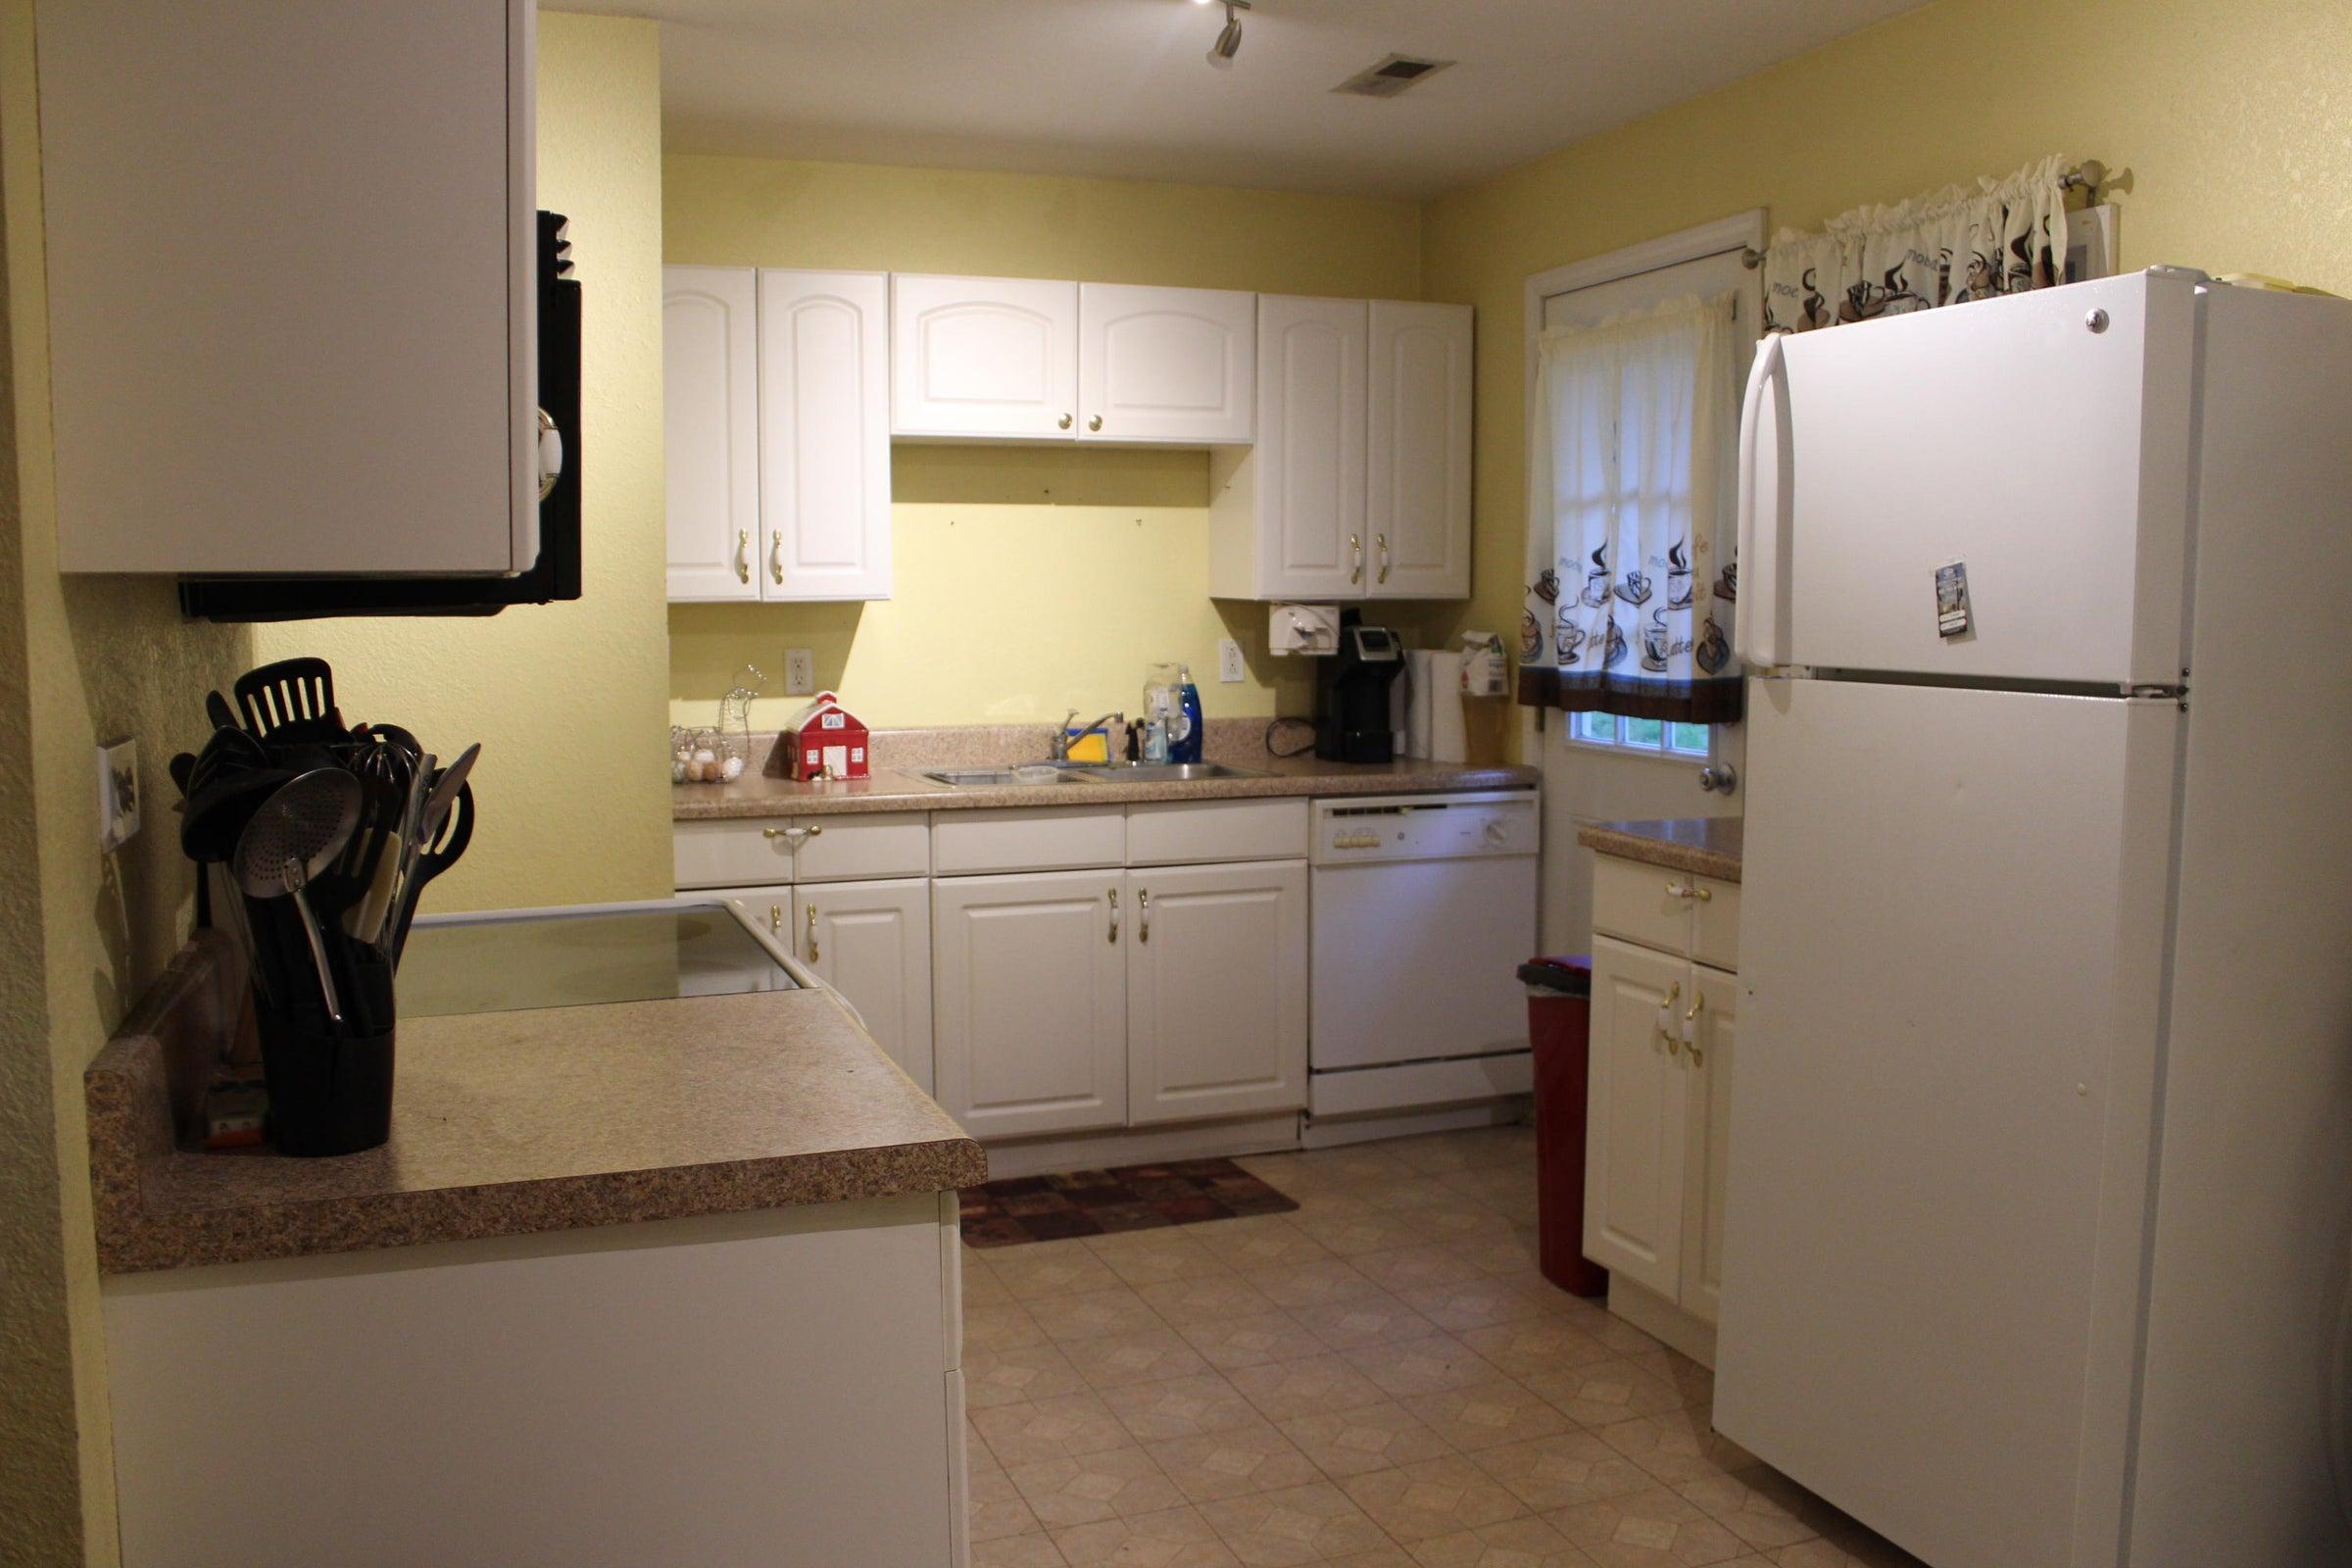 Appliances remain